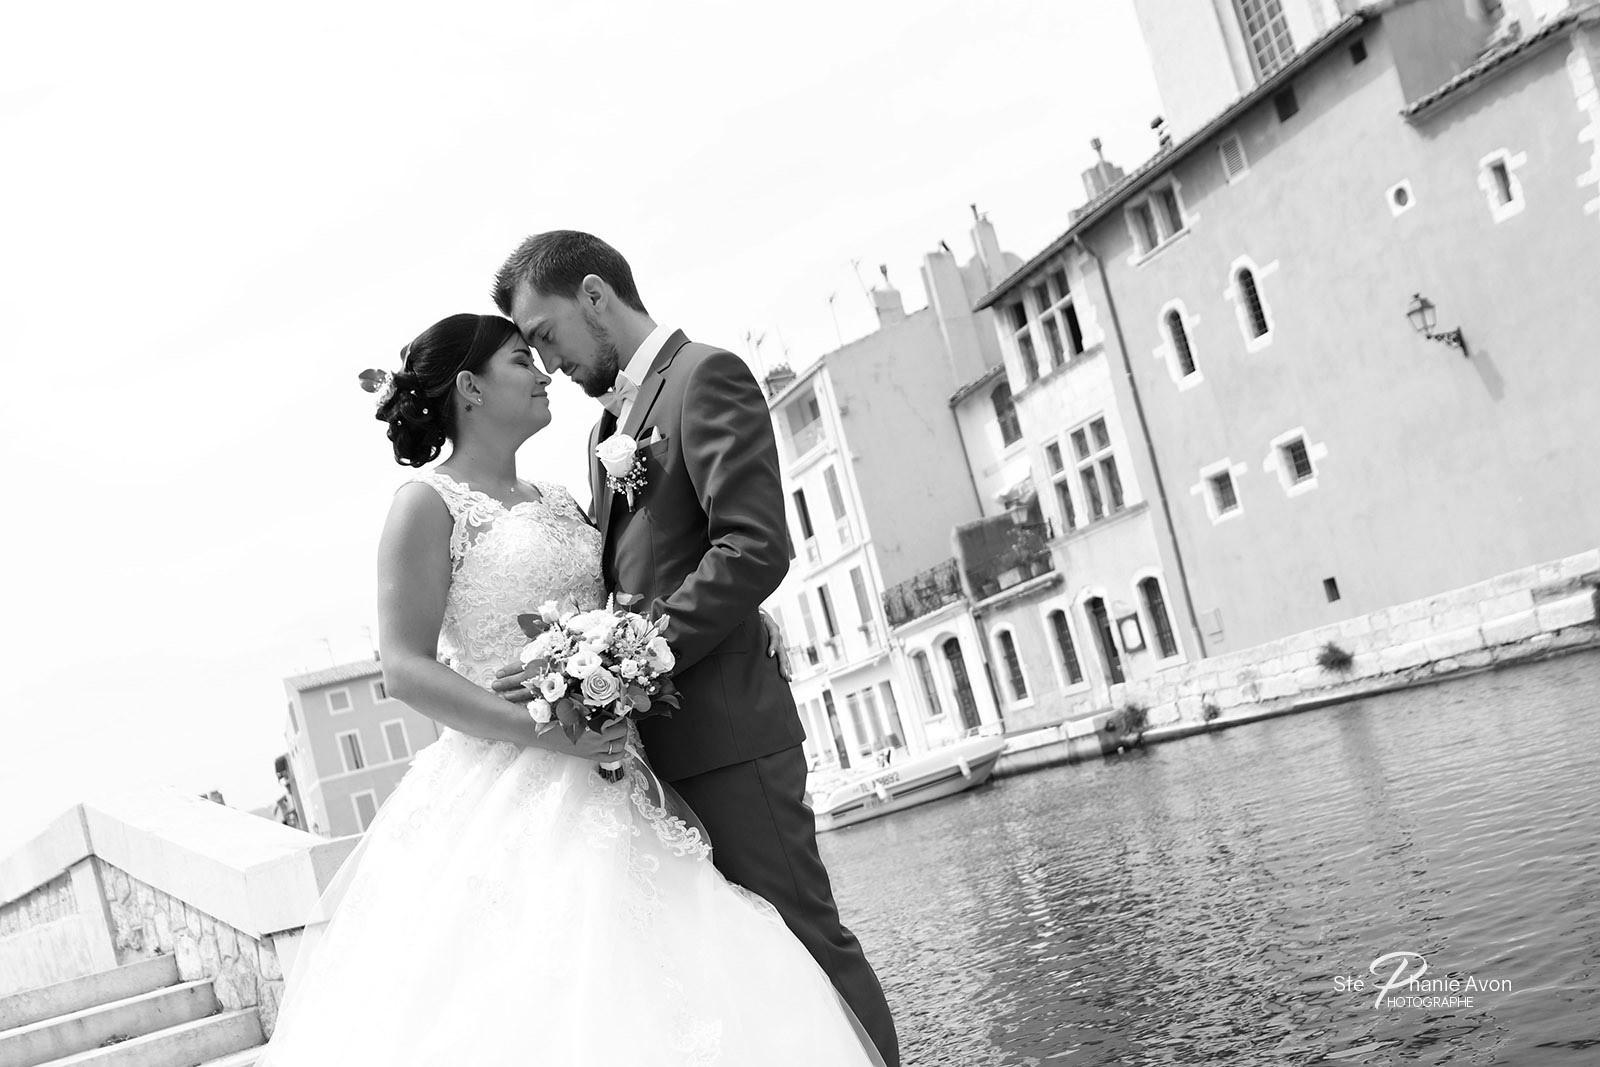 Photographe de mariage à Martigues